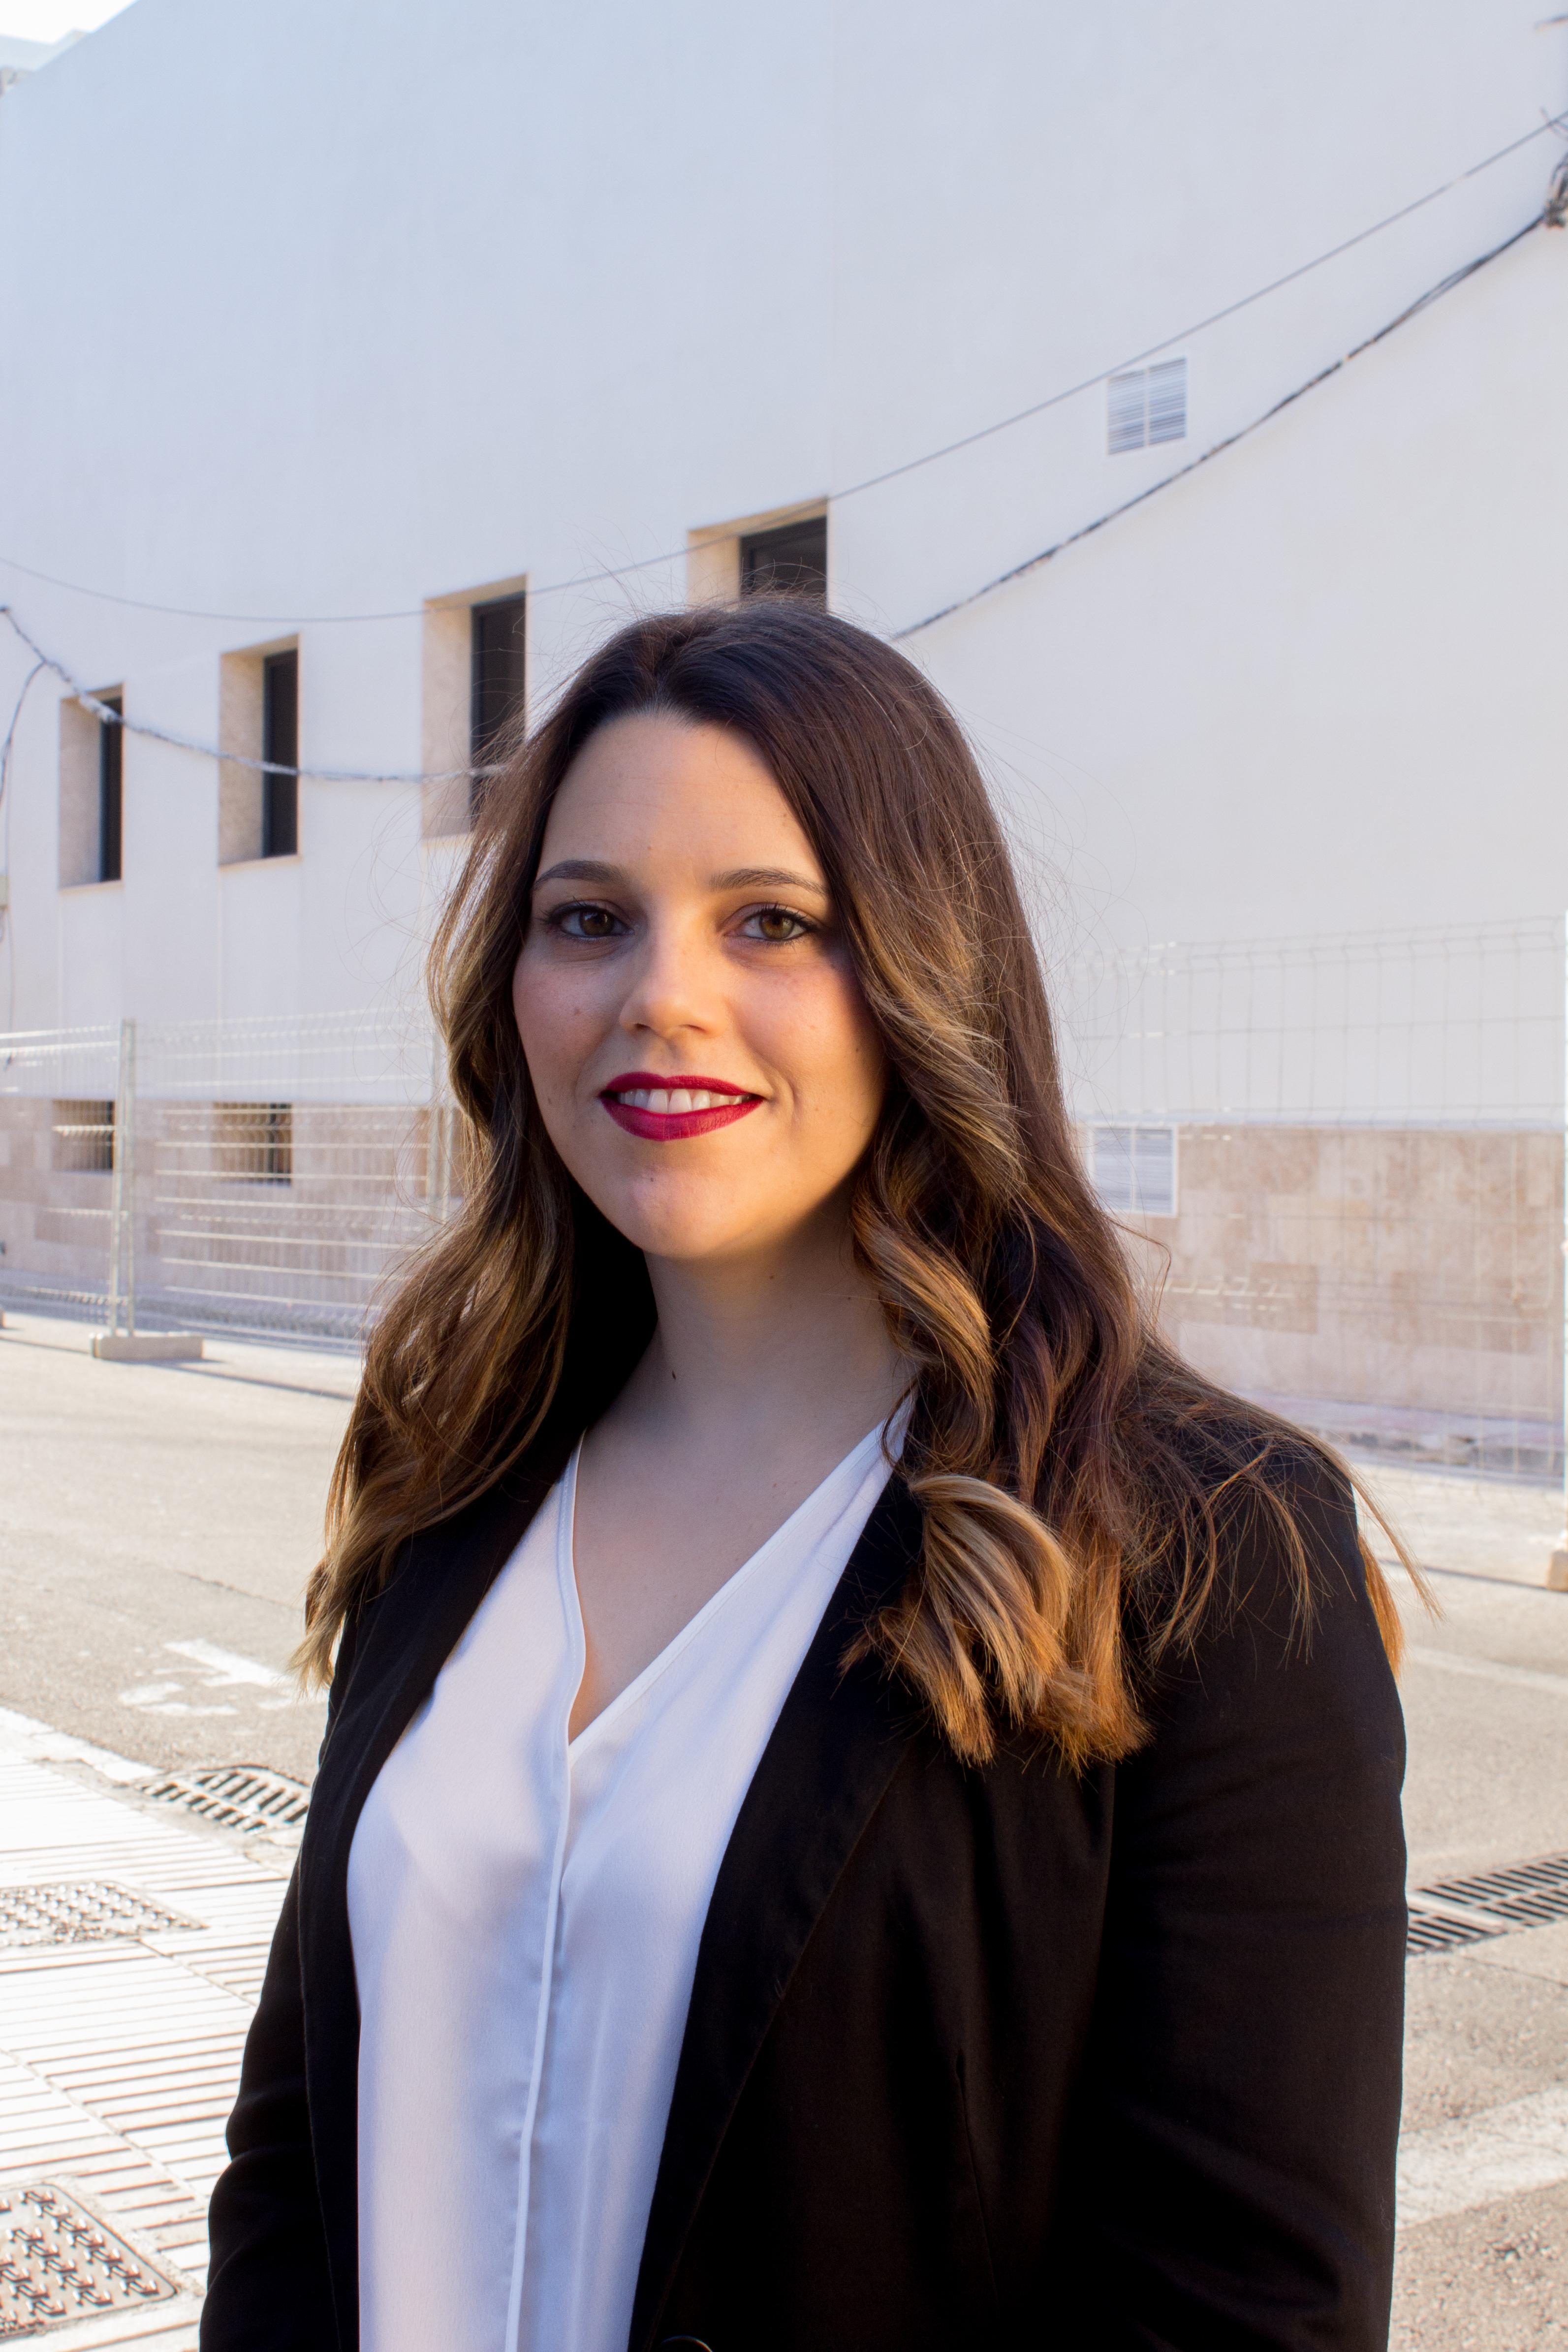 Silvia Milvaques